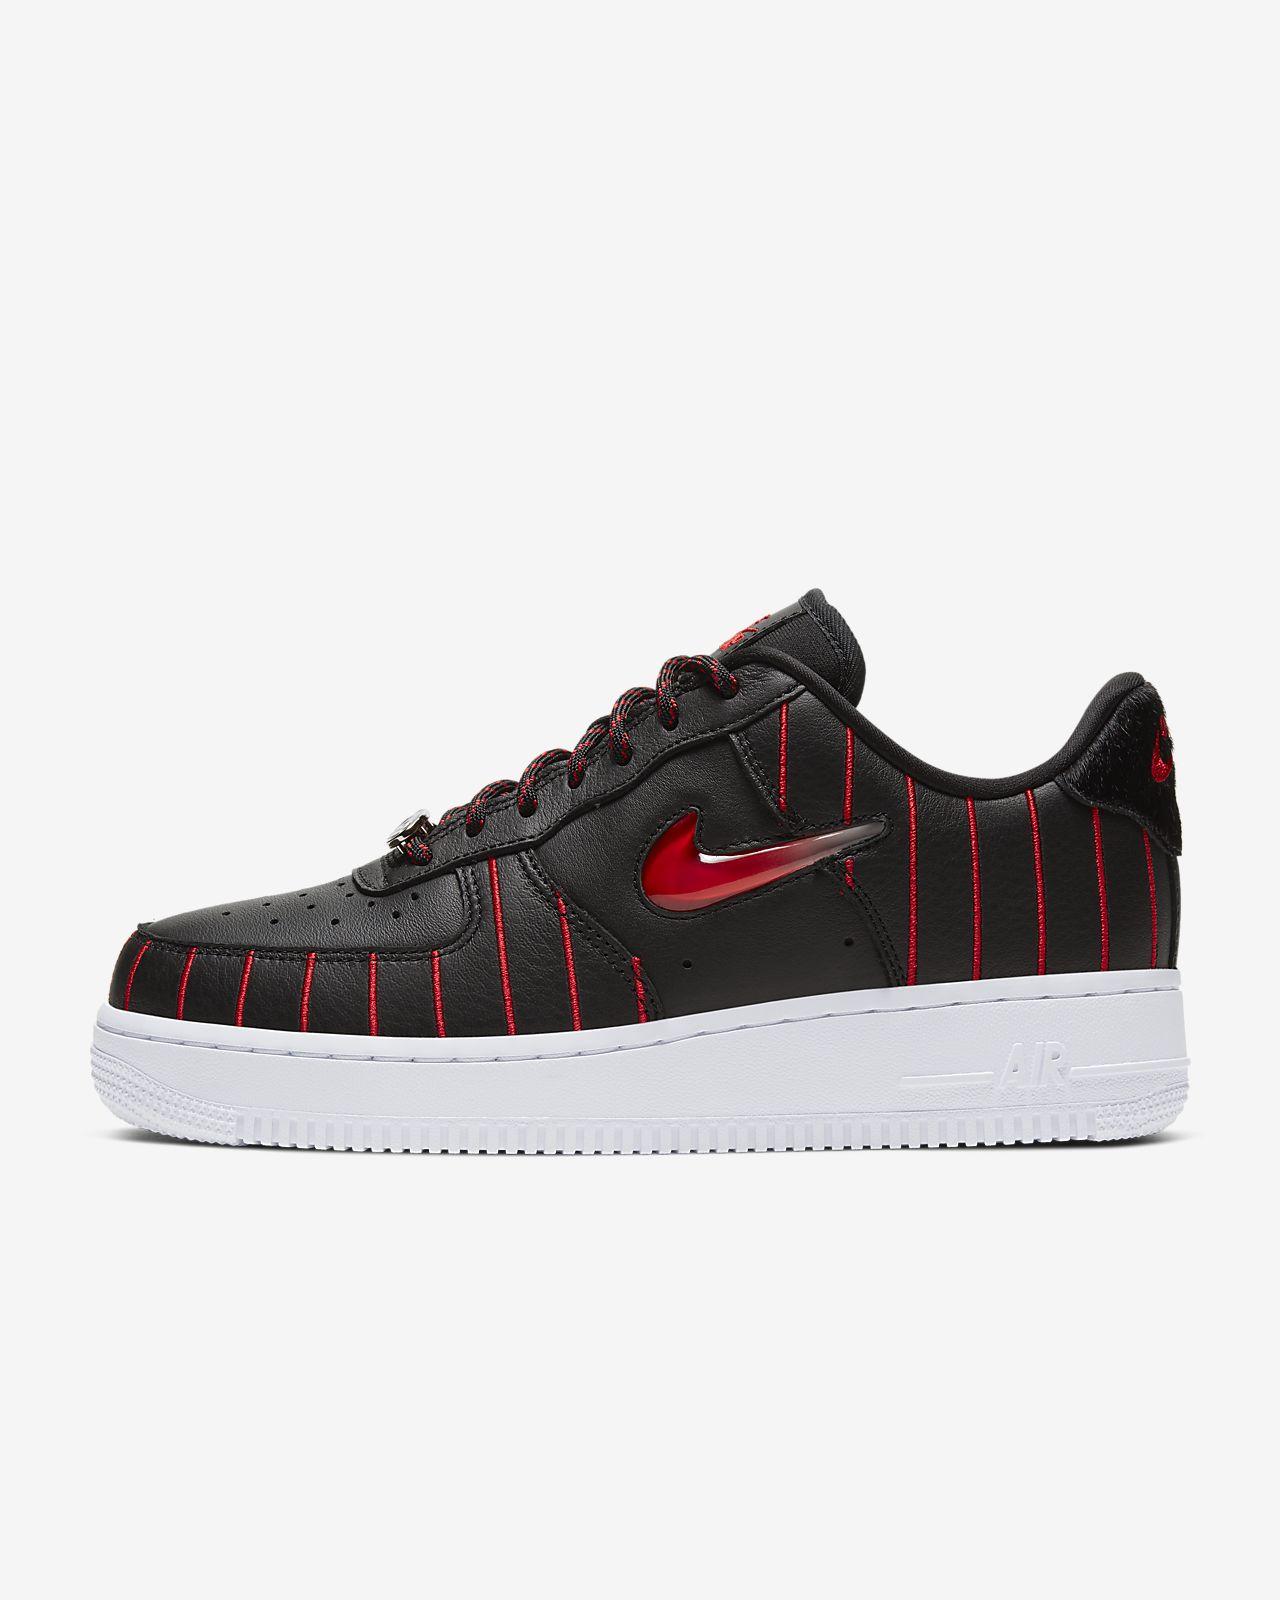 Nike Air Force 1 Jewel Schoen